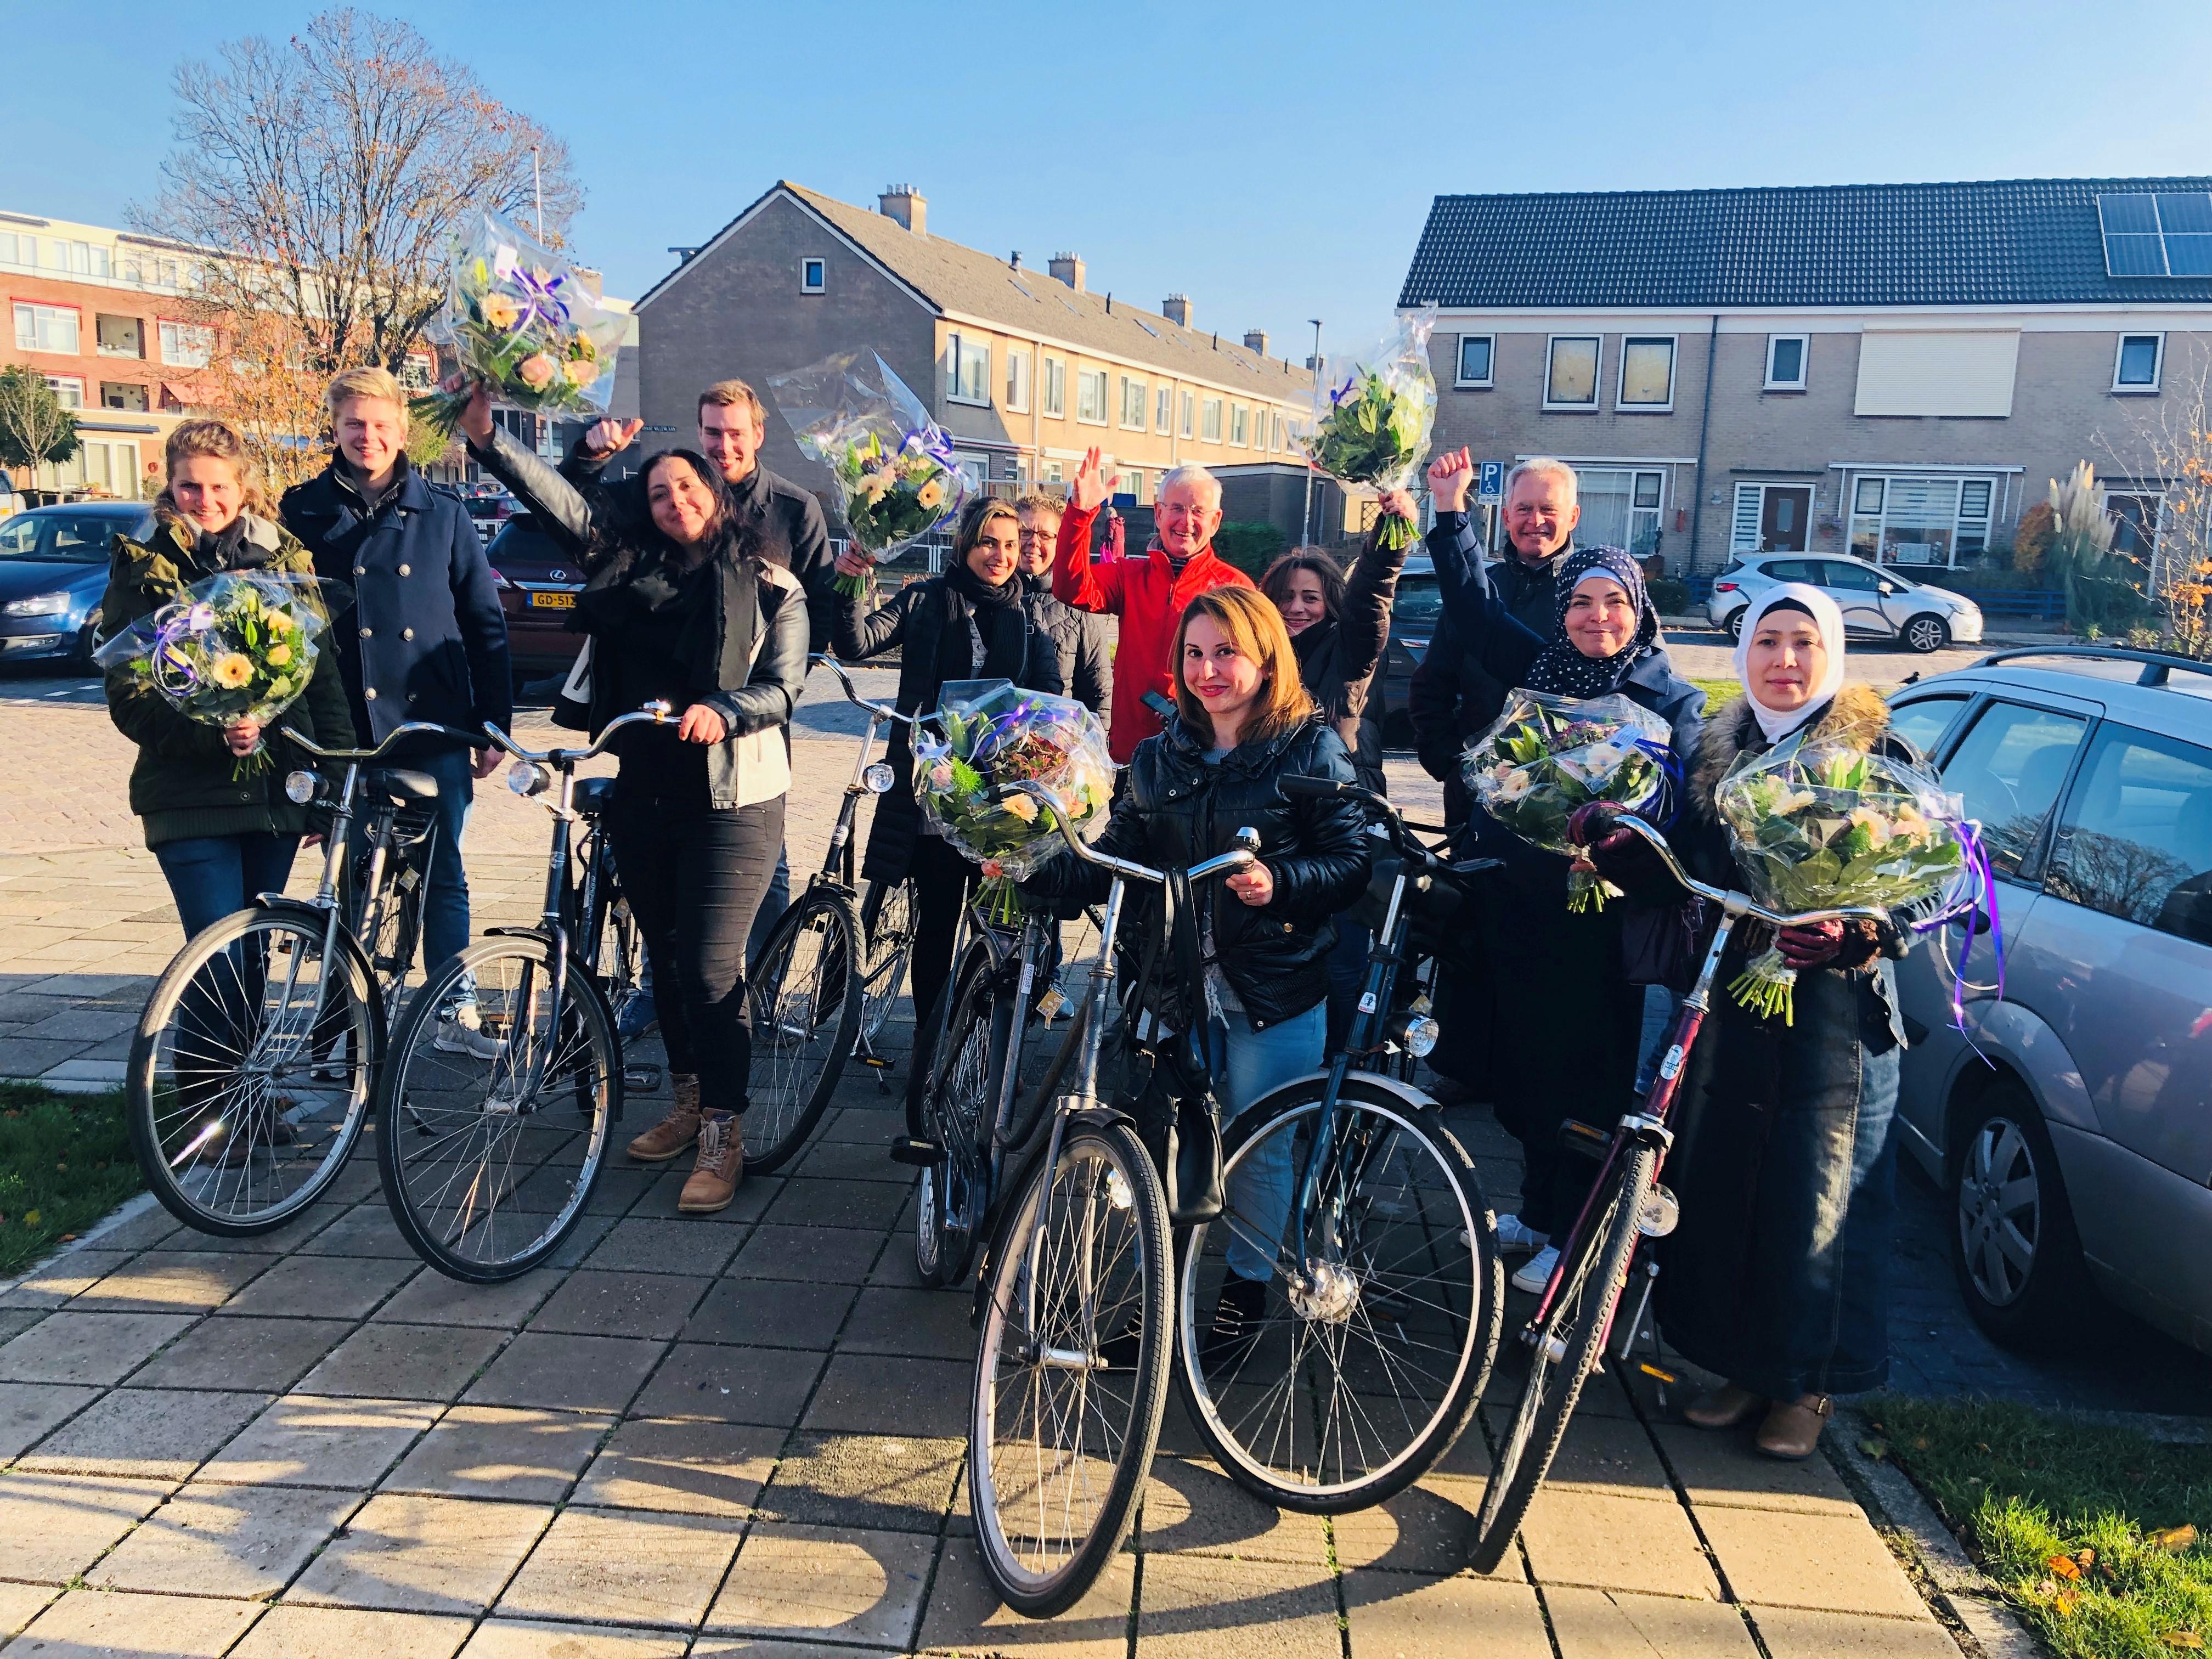 De deelnemers van de fietscursus kregen een fiets cadeau. (Foto: aangeleverd)